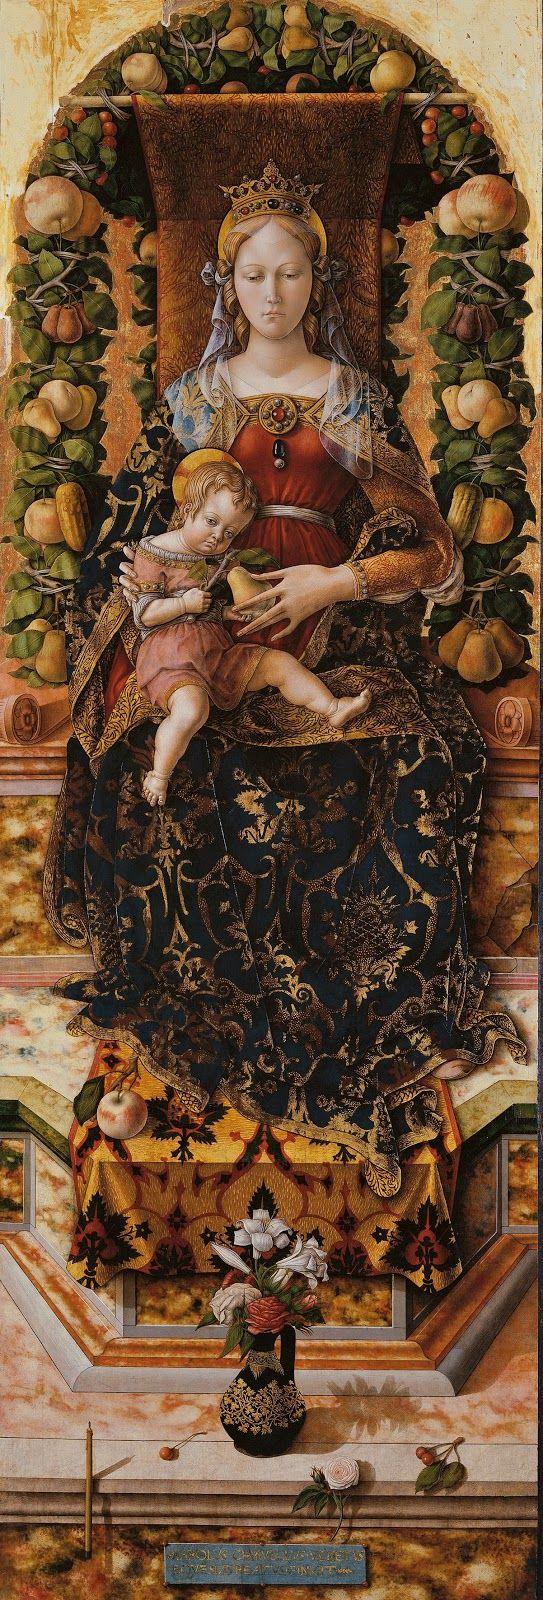 Carlo Crivelli, Madonna of the candle, ca 1490, Pinacoteca di Brera, Milano, Italia.